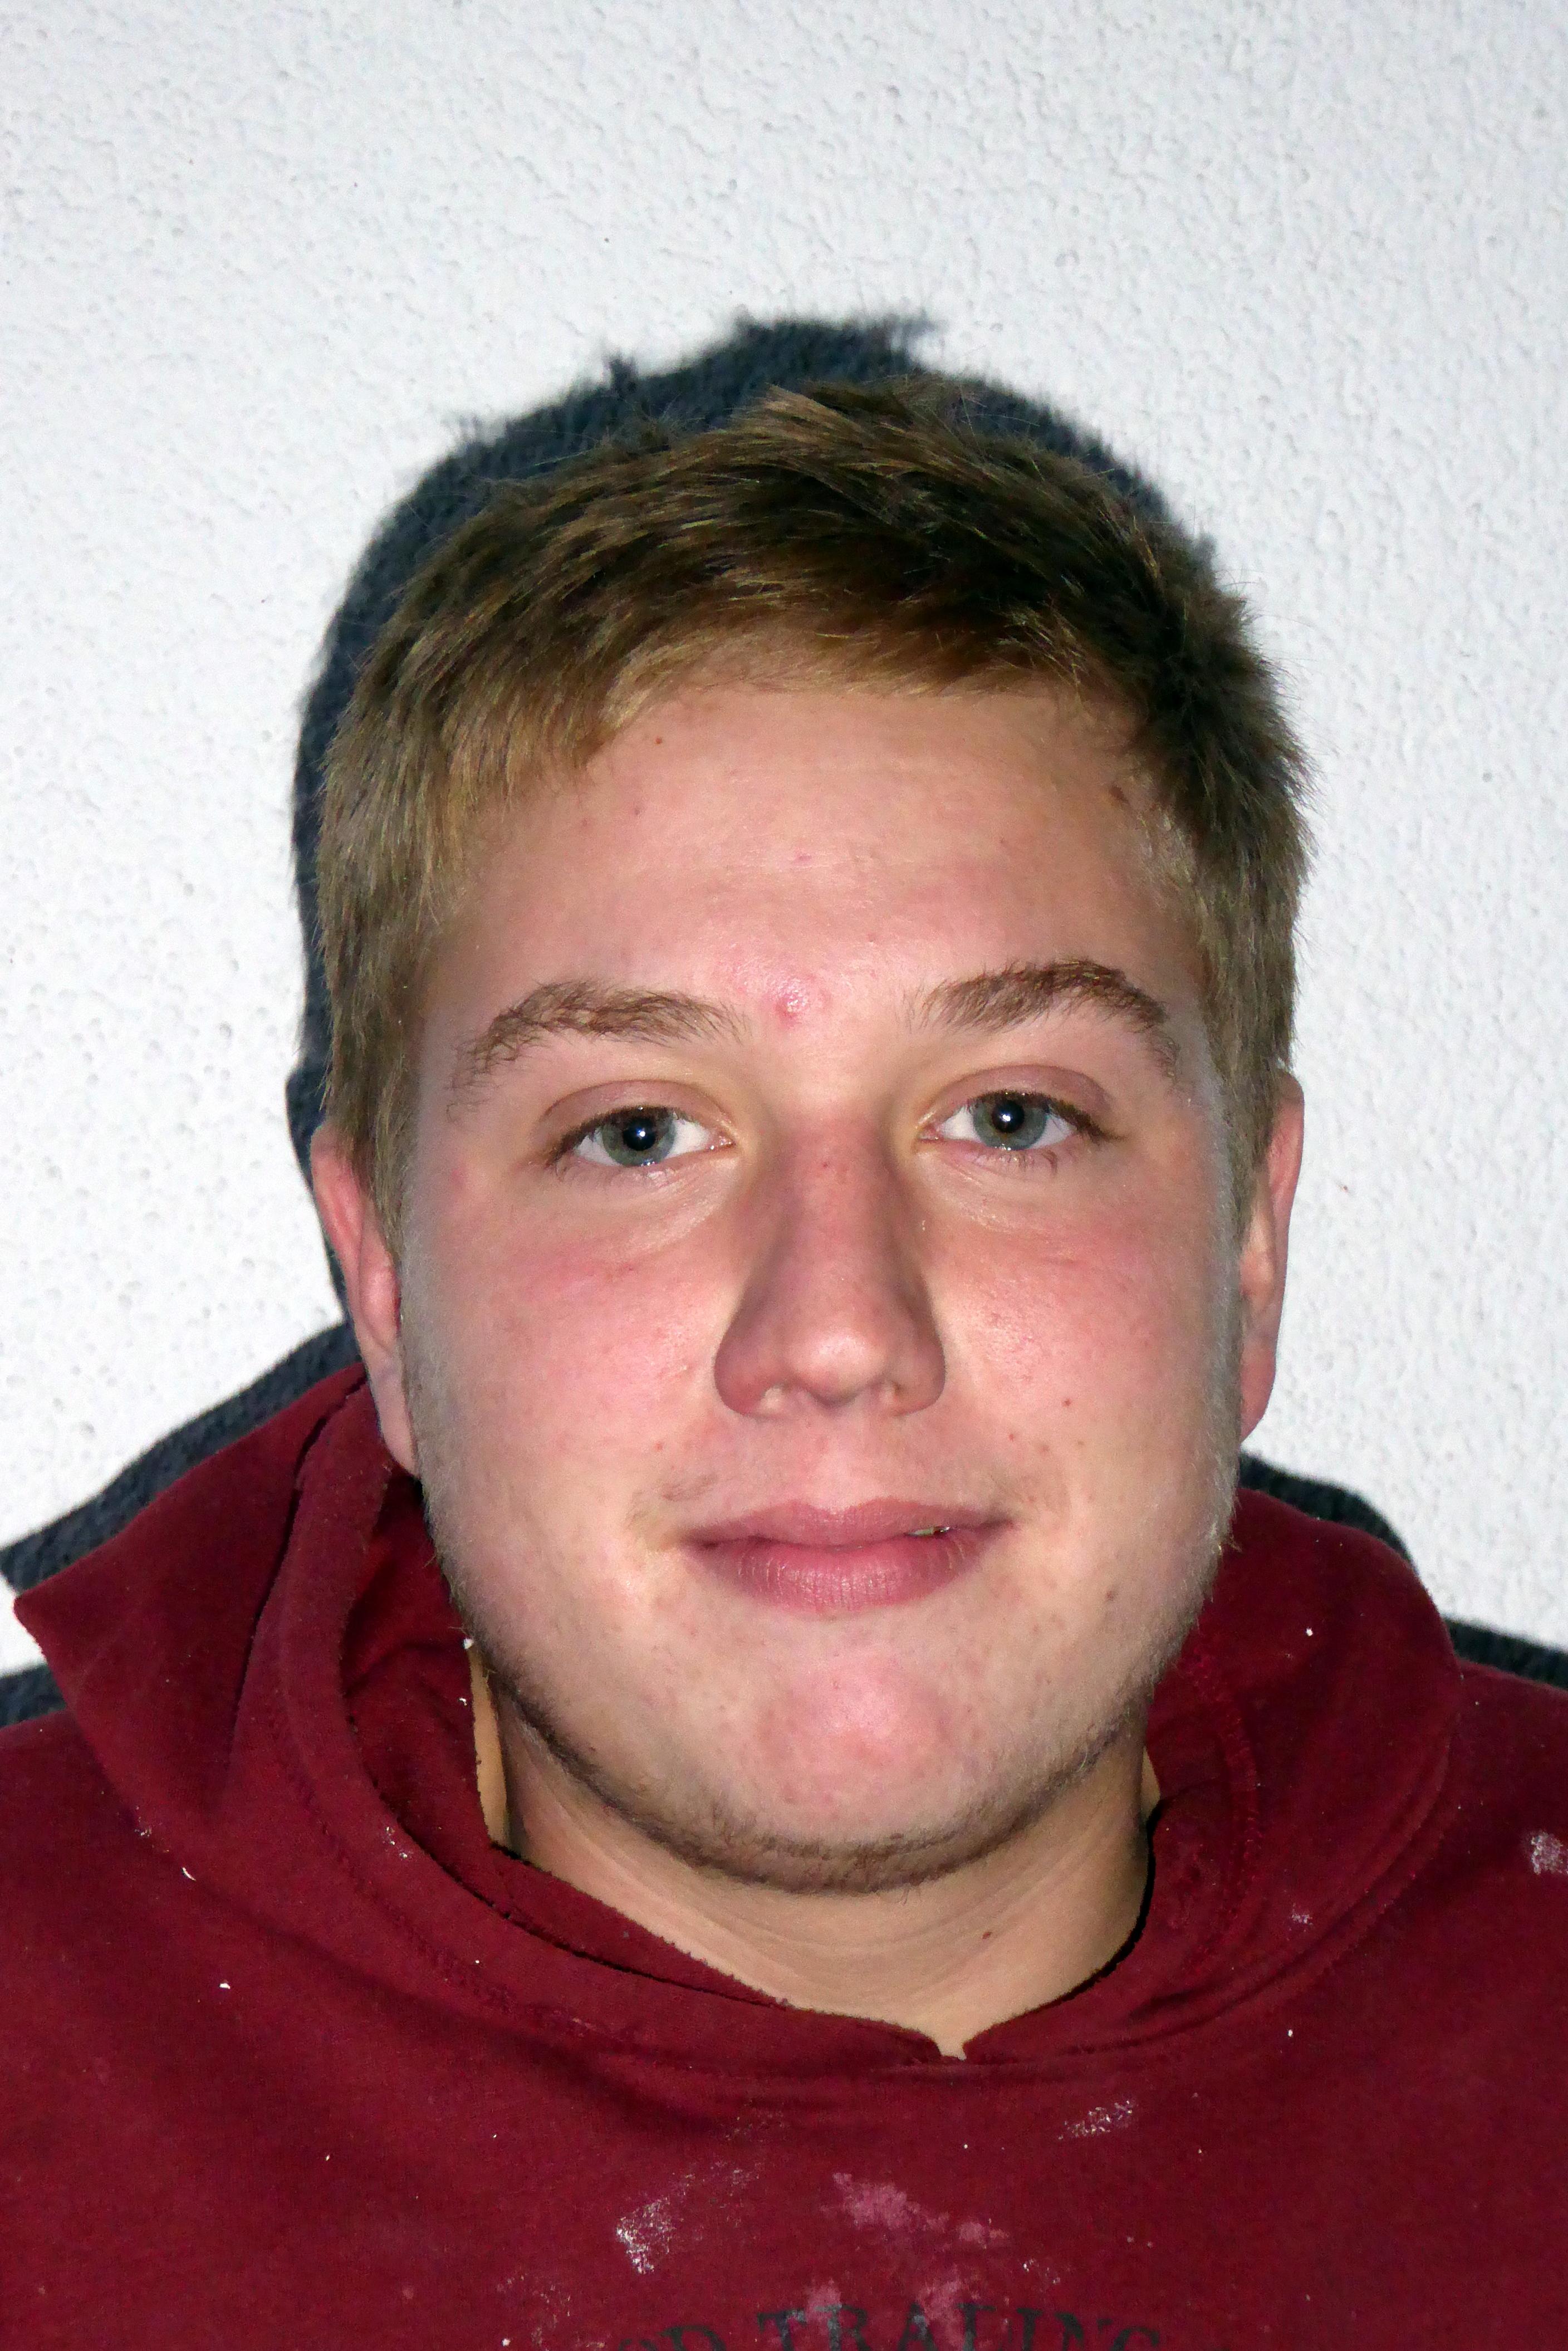 Blauensteiner Stefan (Lehrling)